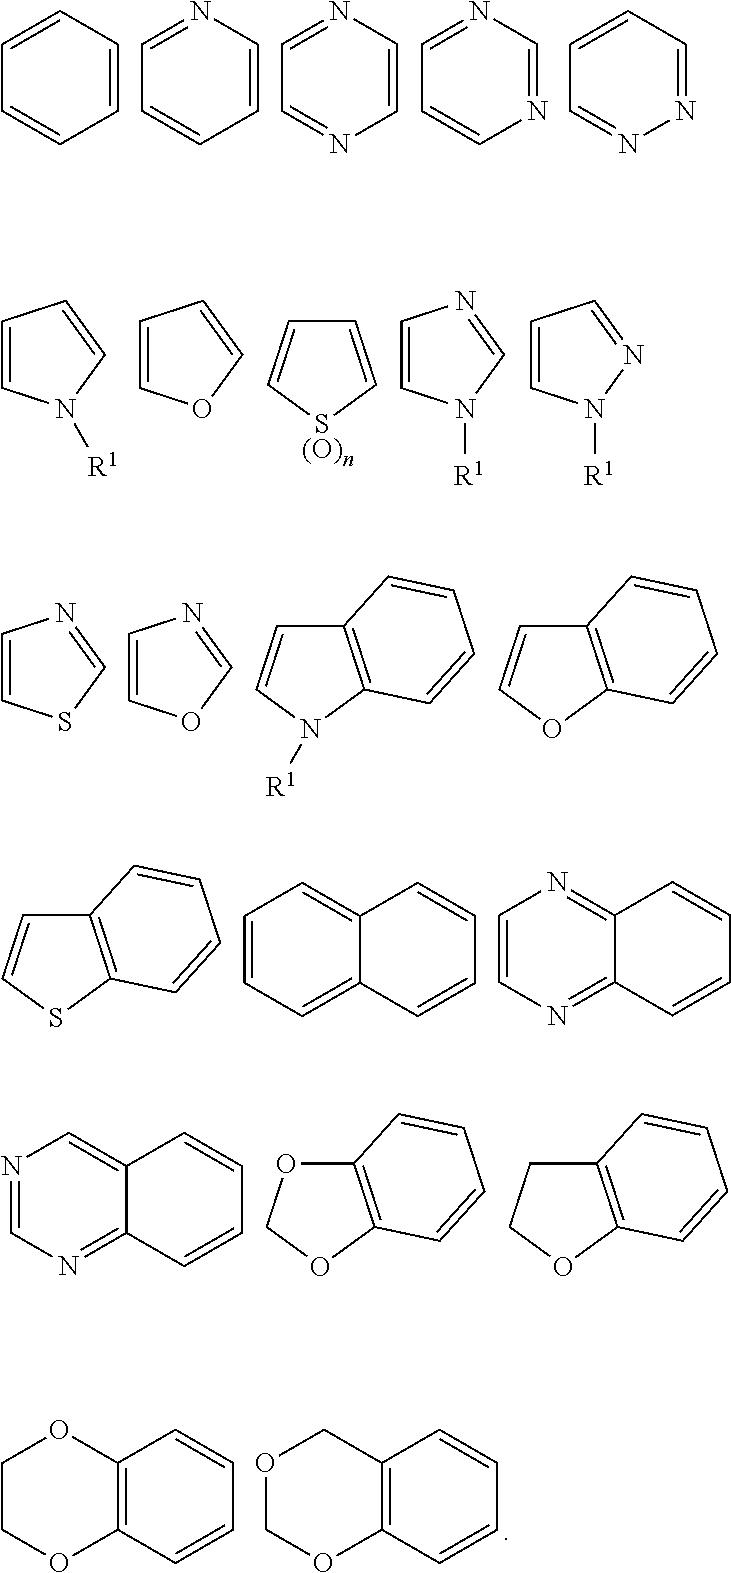 Figure US20110053905A1-20110303-C00014